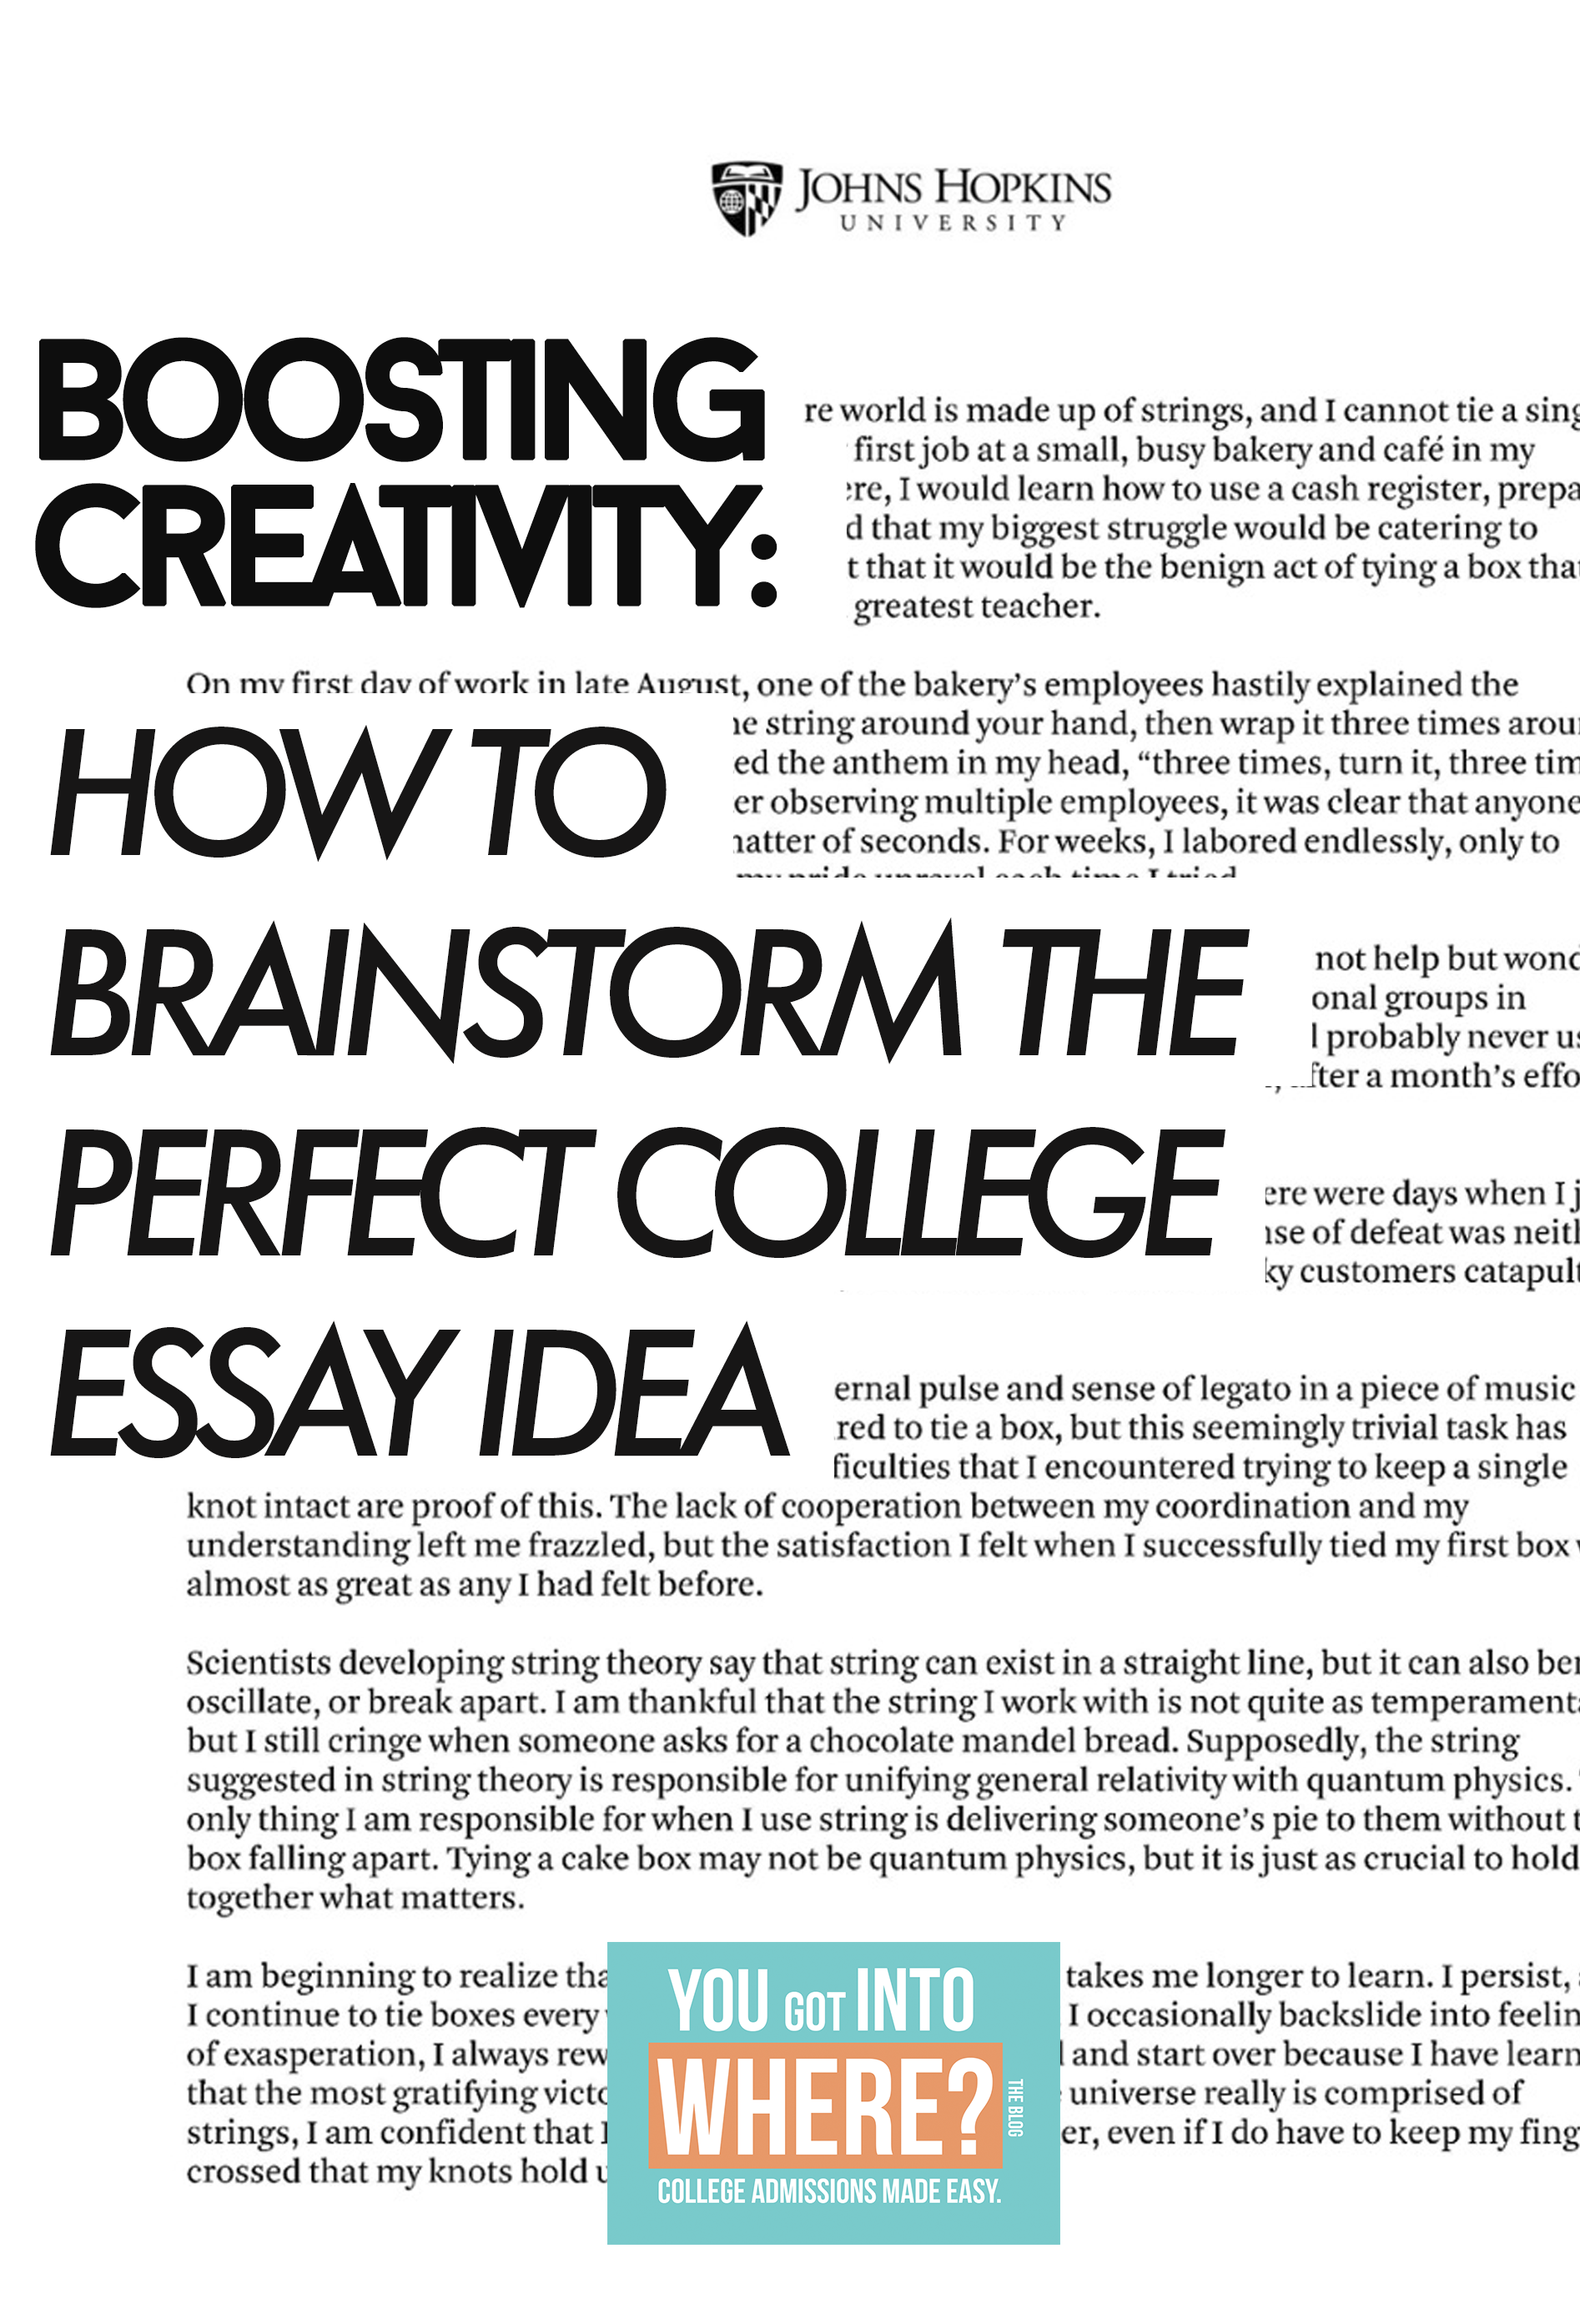 college essay brainstorming help